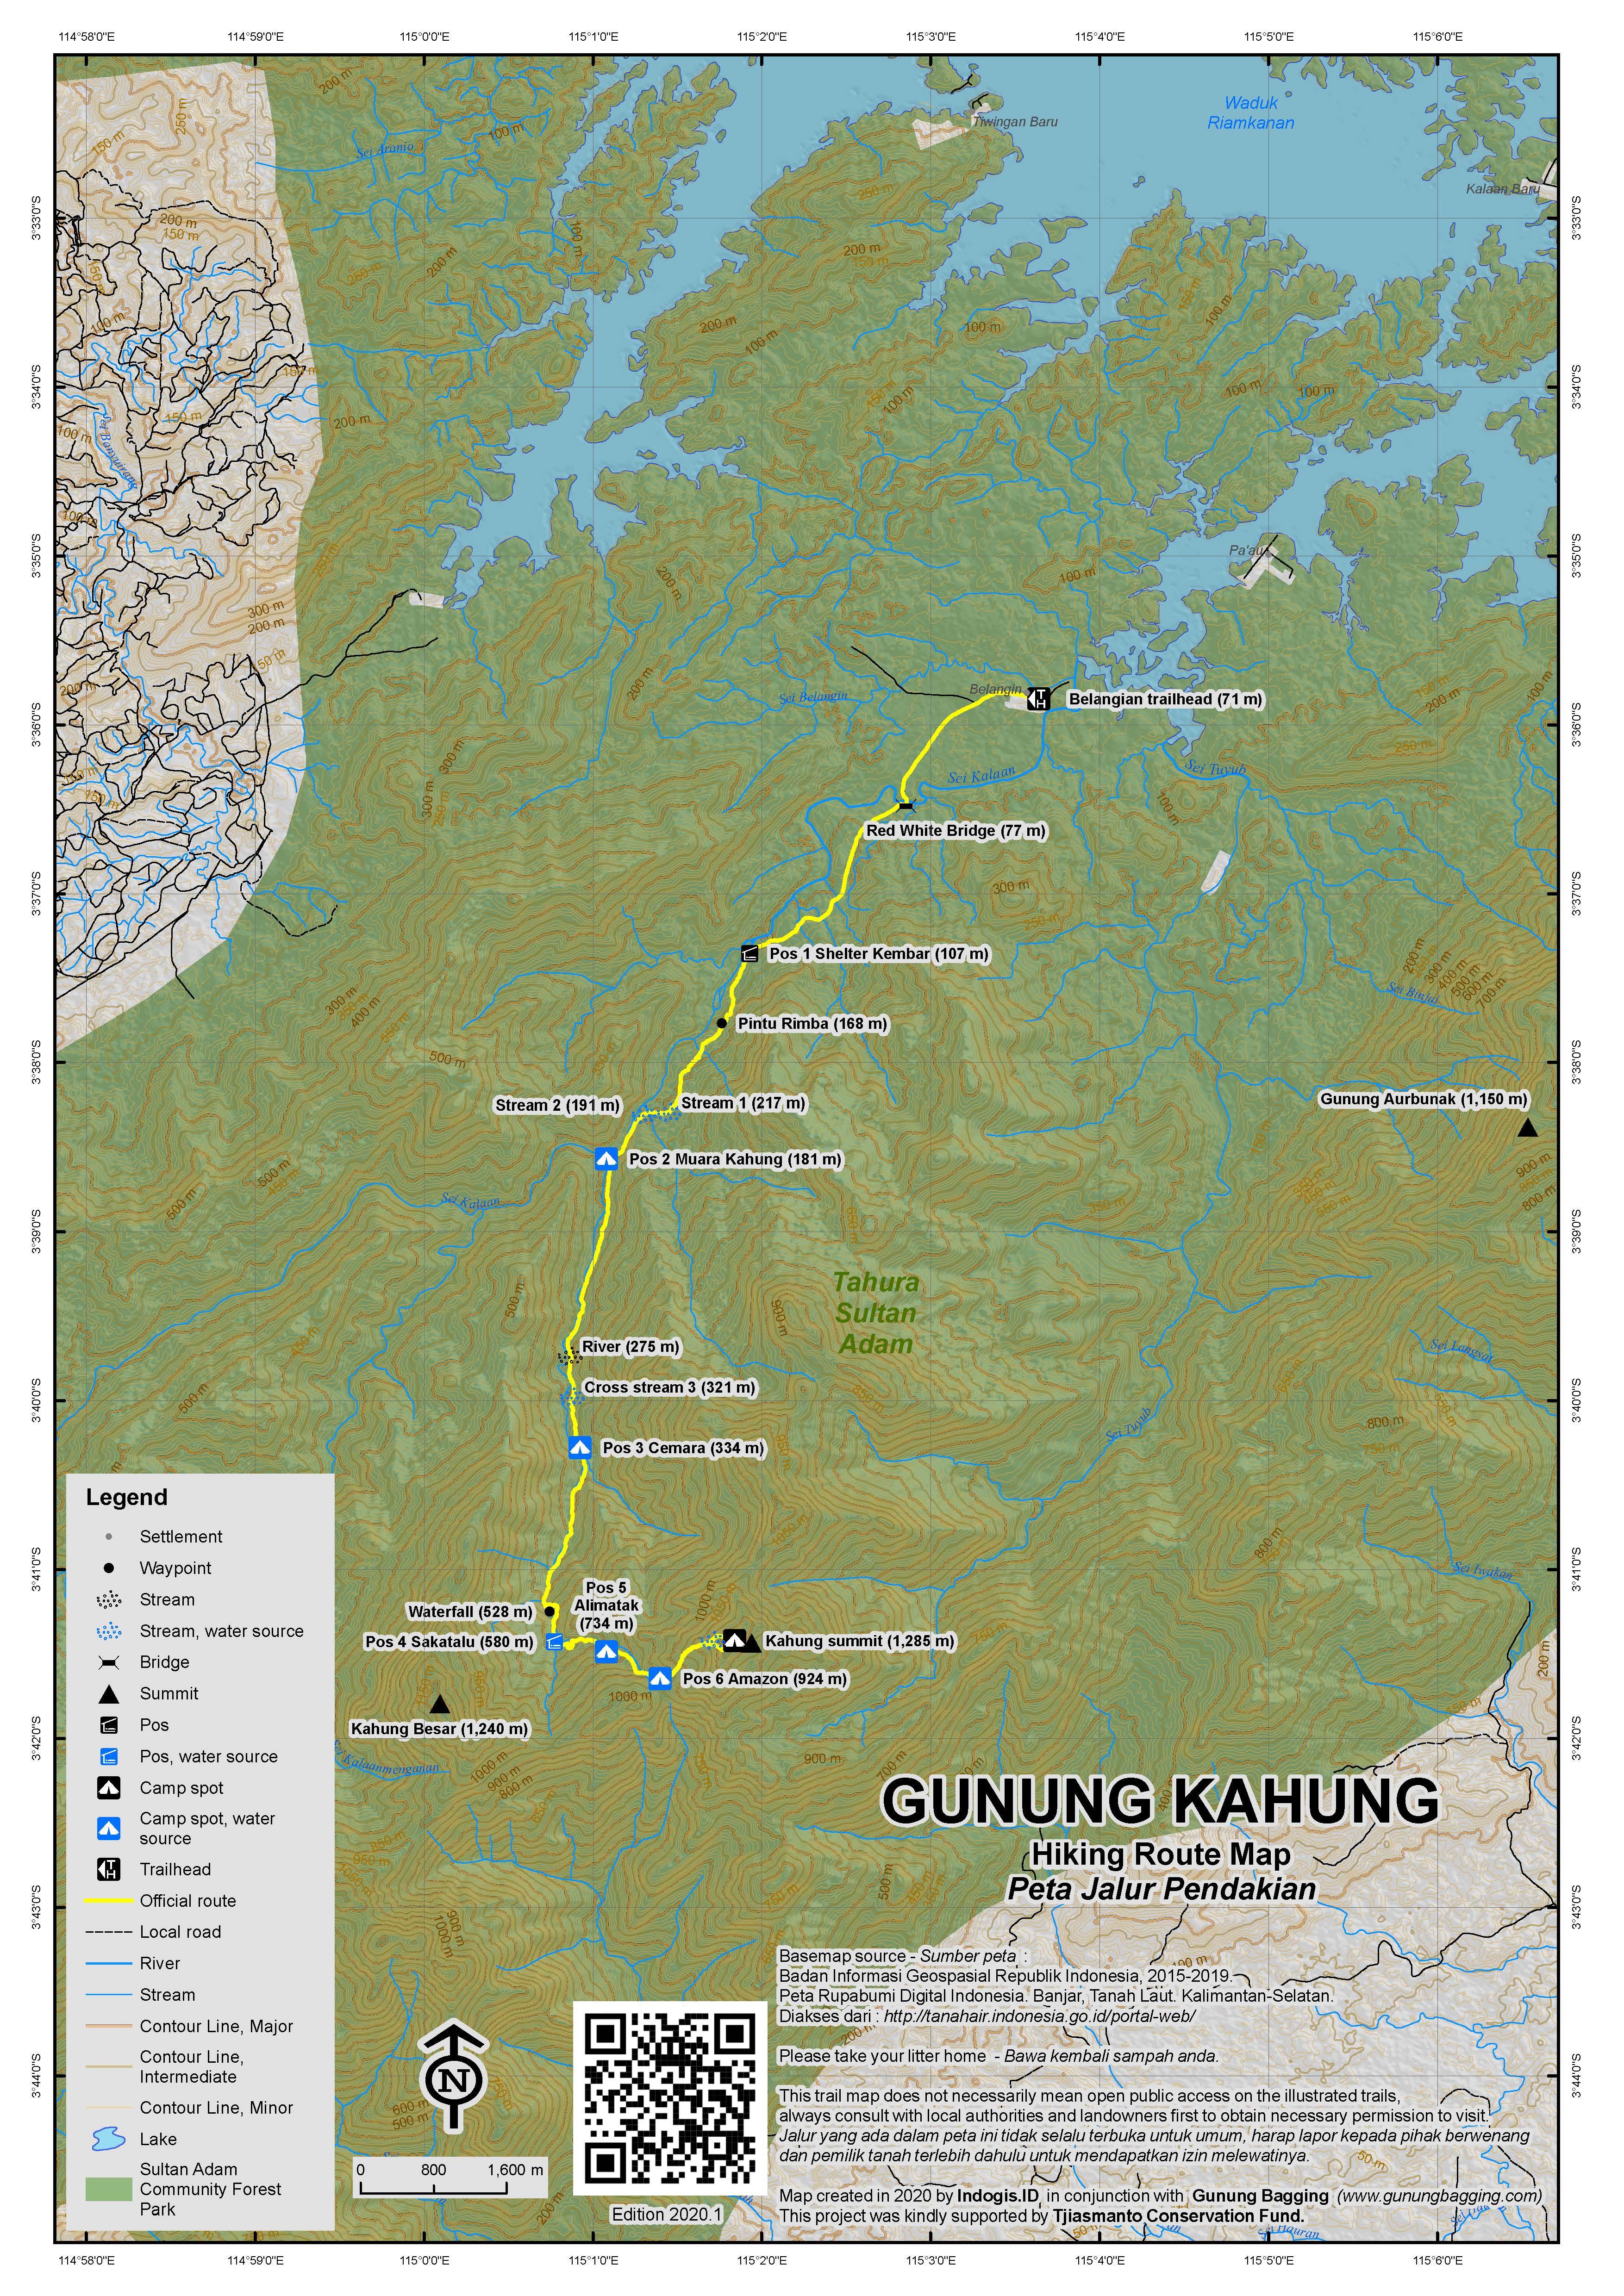 Peta Jalur Pendakian Gunung Kahung